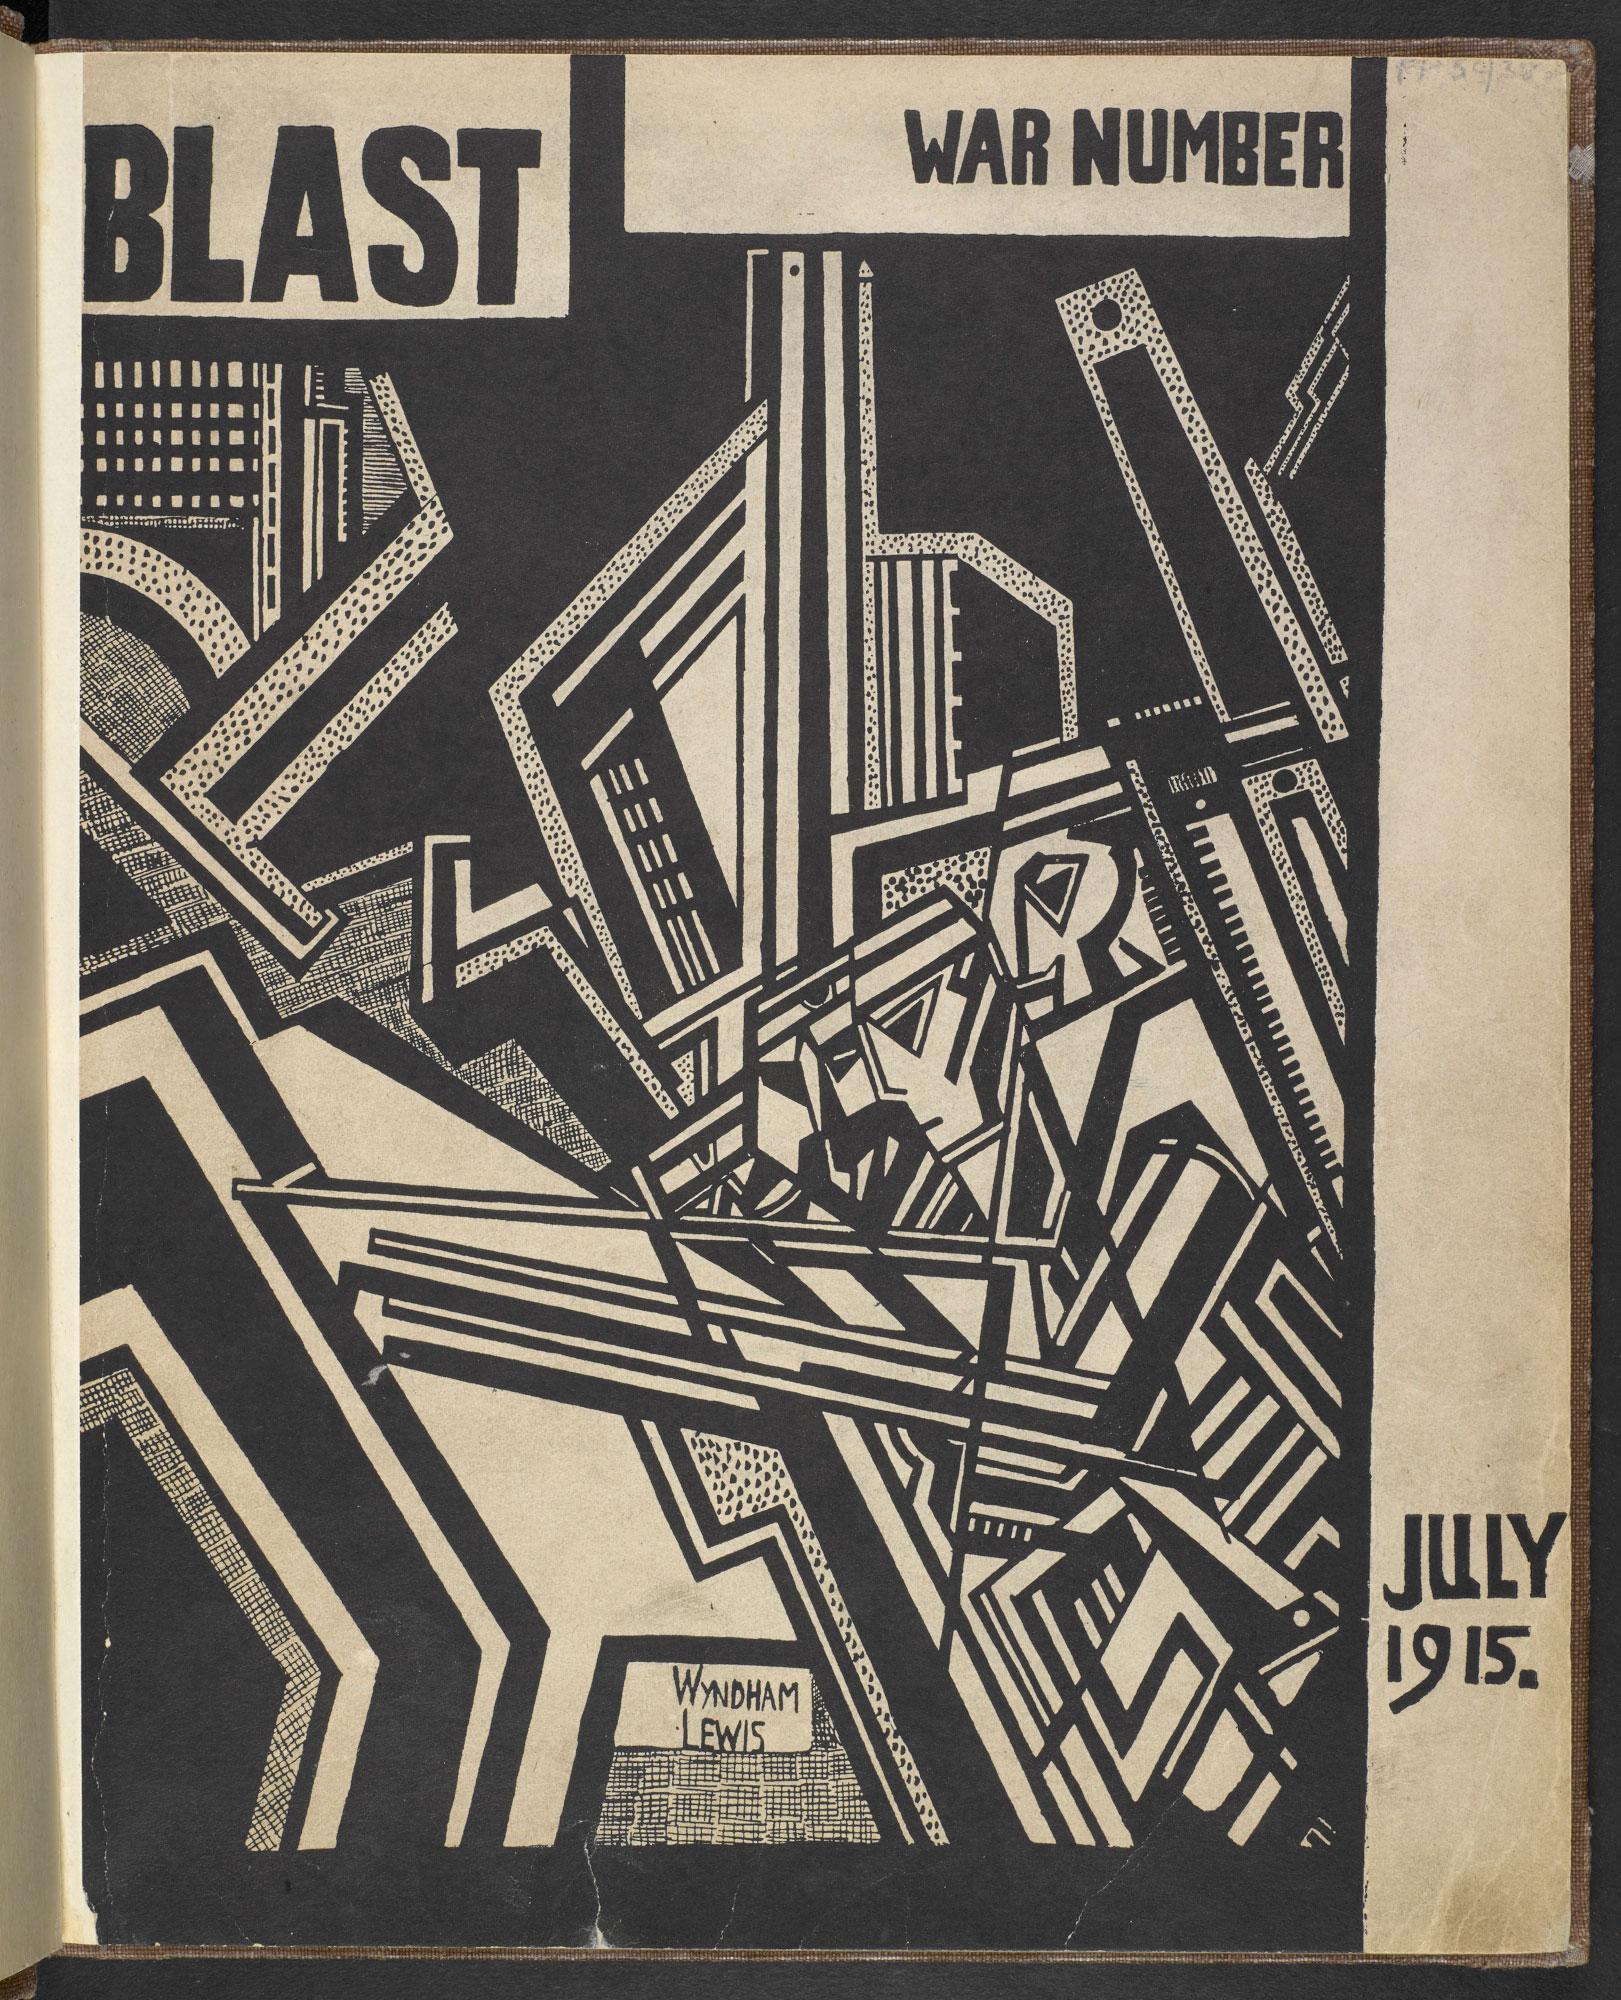 BLAST no. 2, the Vorticist magazine